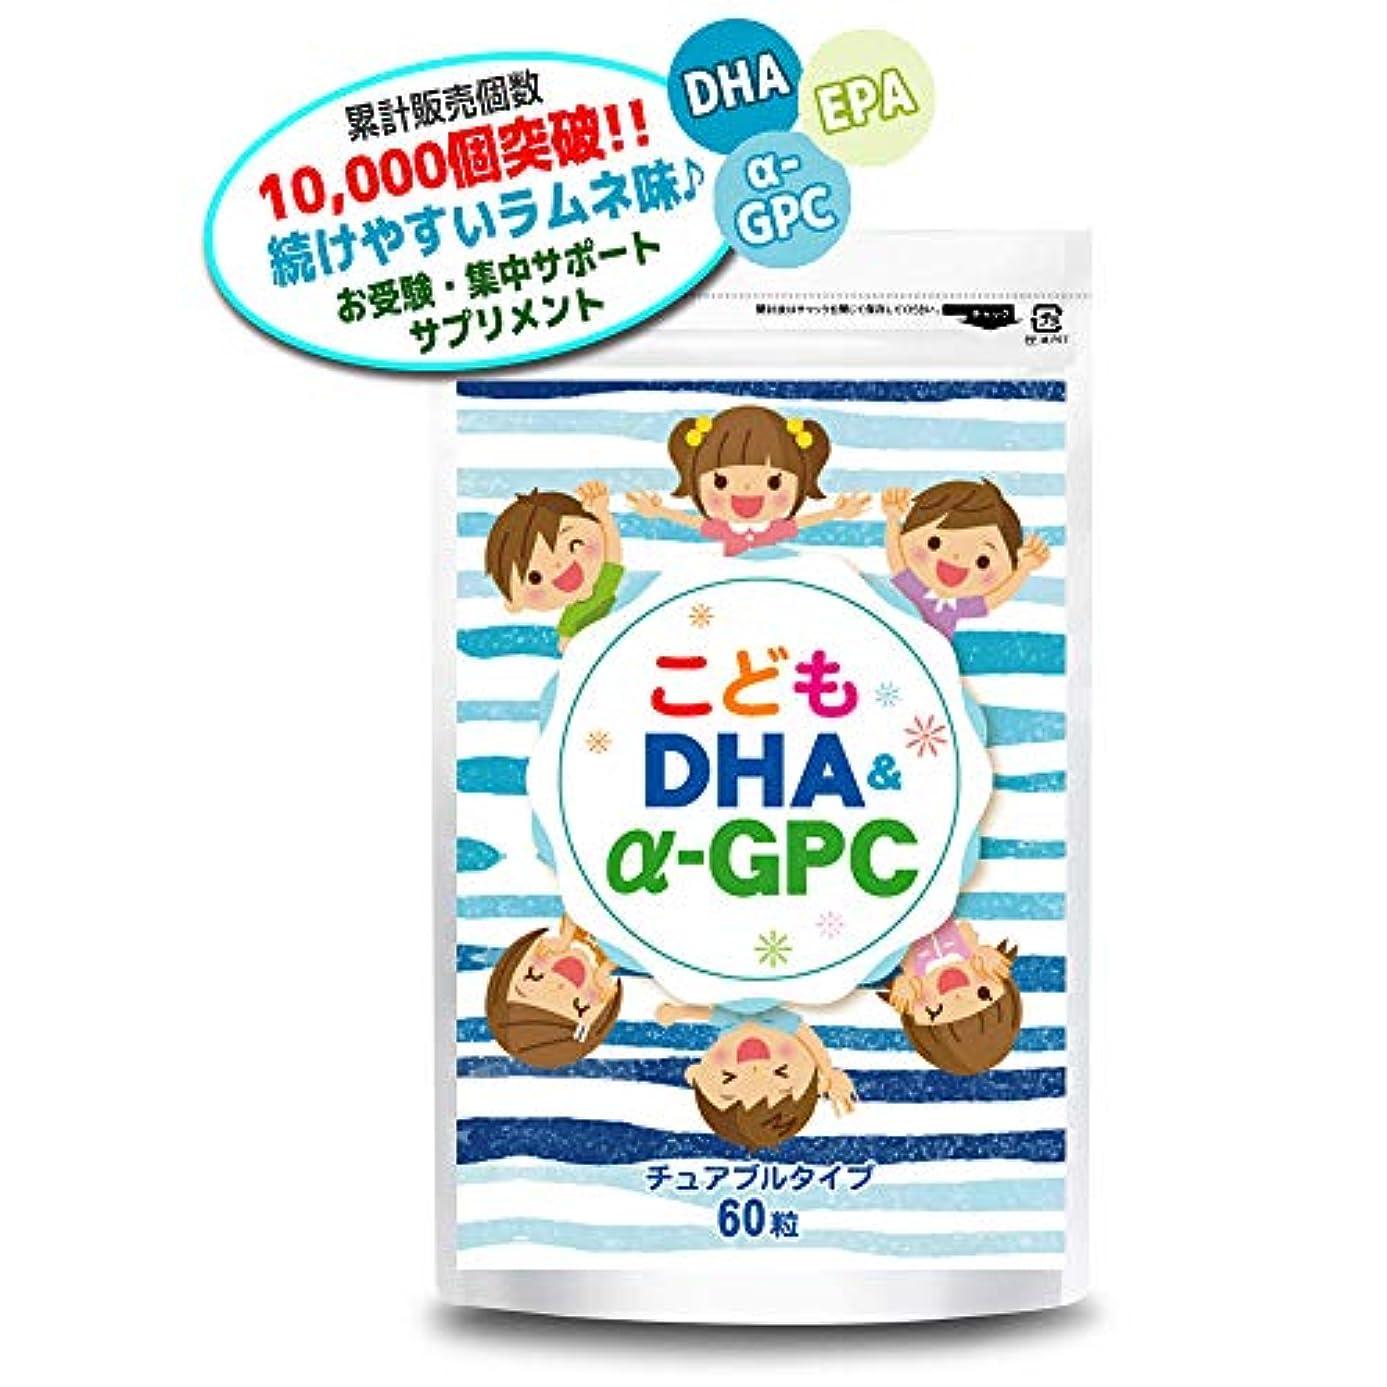 農民快適文こども DHA&α-GPC DHA EPA α-GPC ホスファチジルセリン 配合 【集中?学習特化型サプリメント】 60粒約30日分